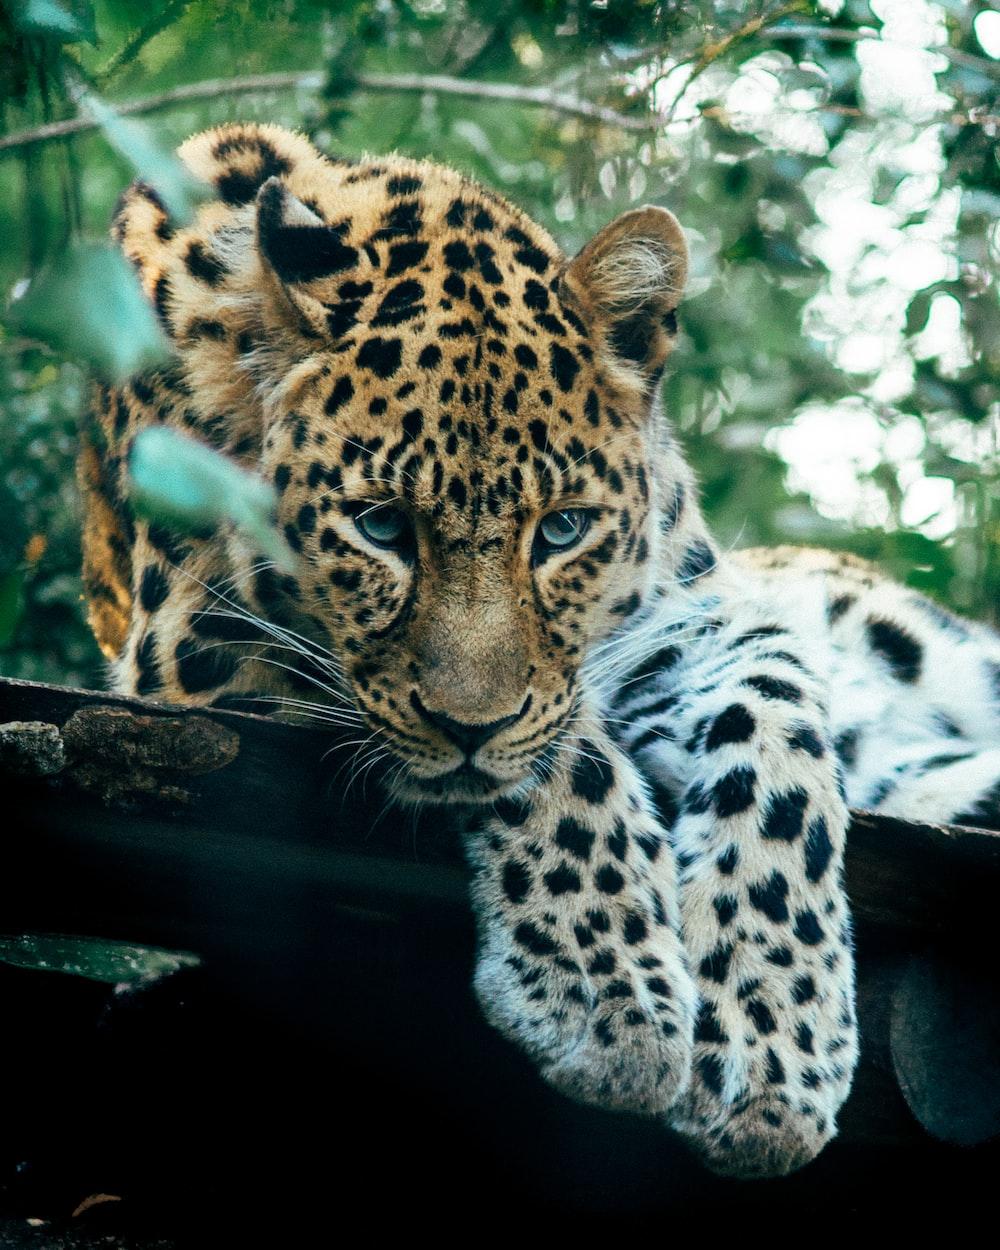 brown leopard near trees